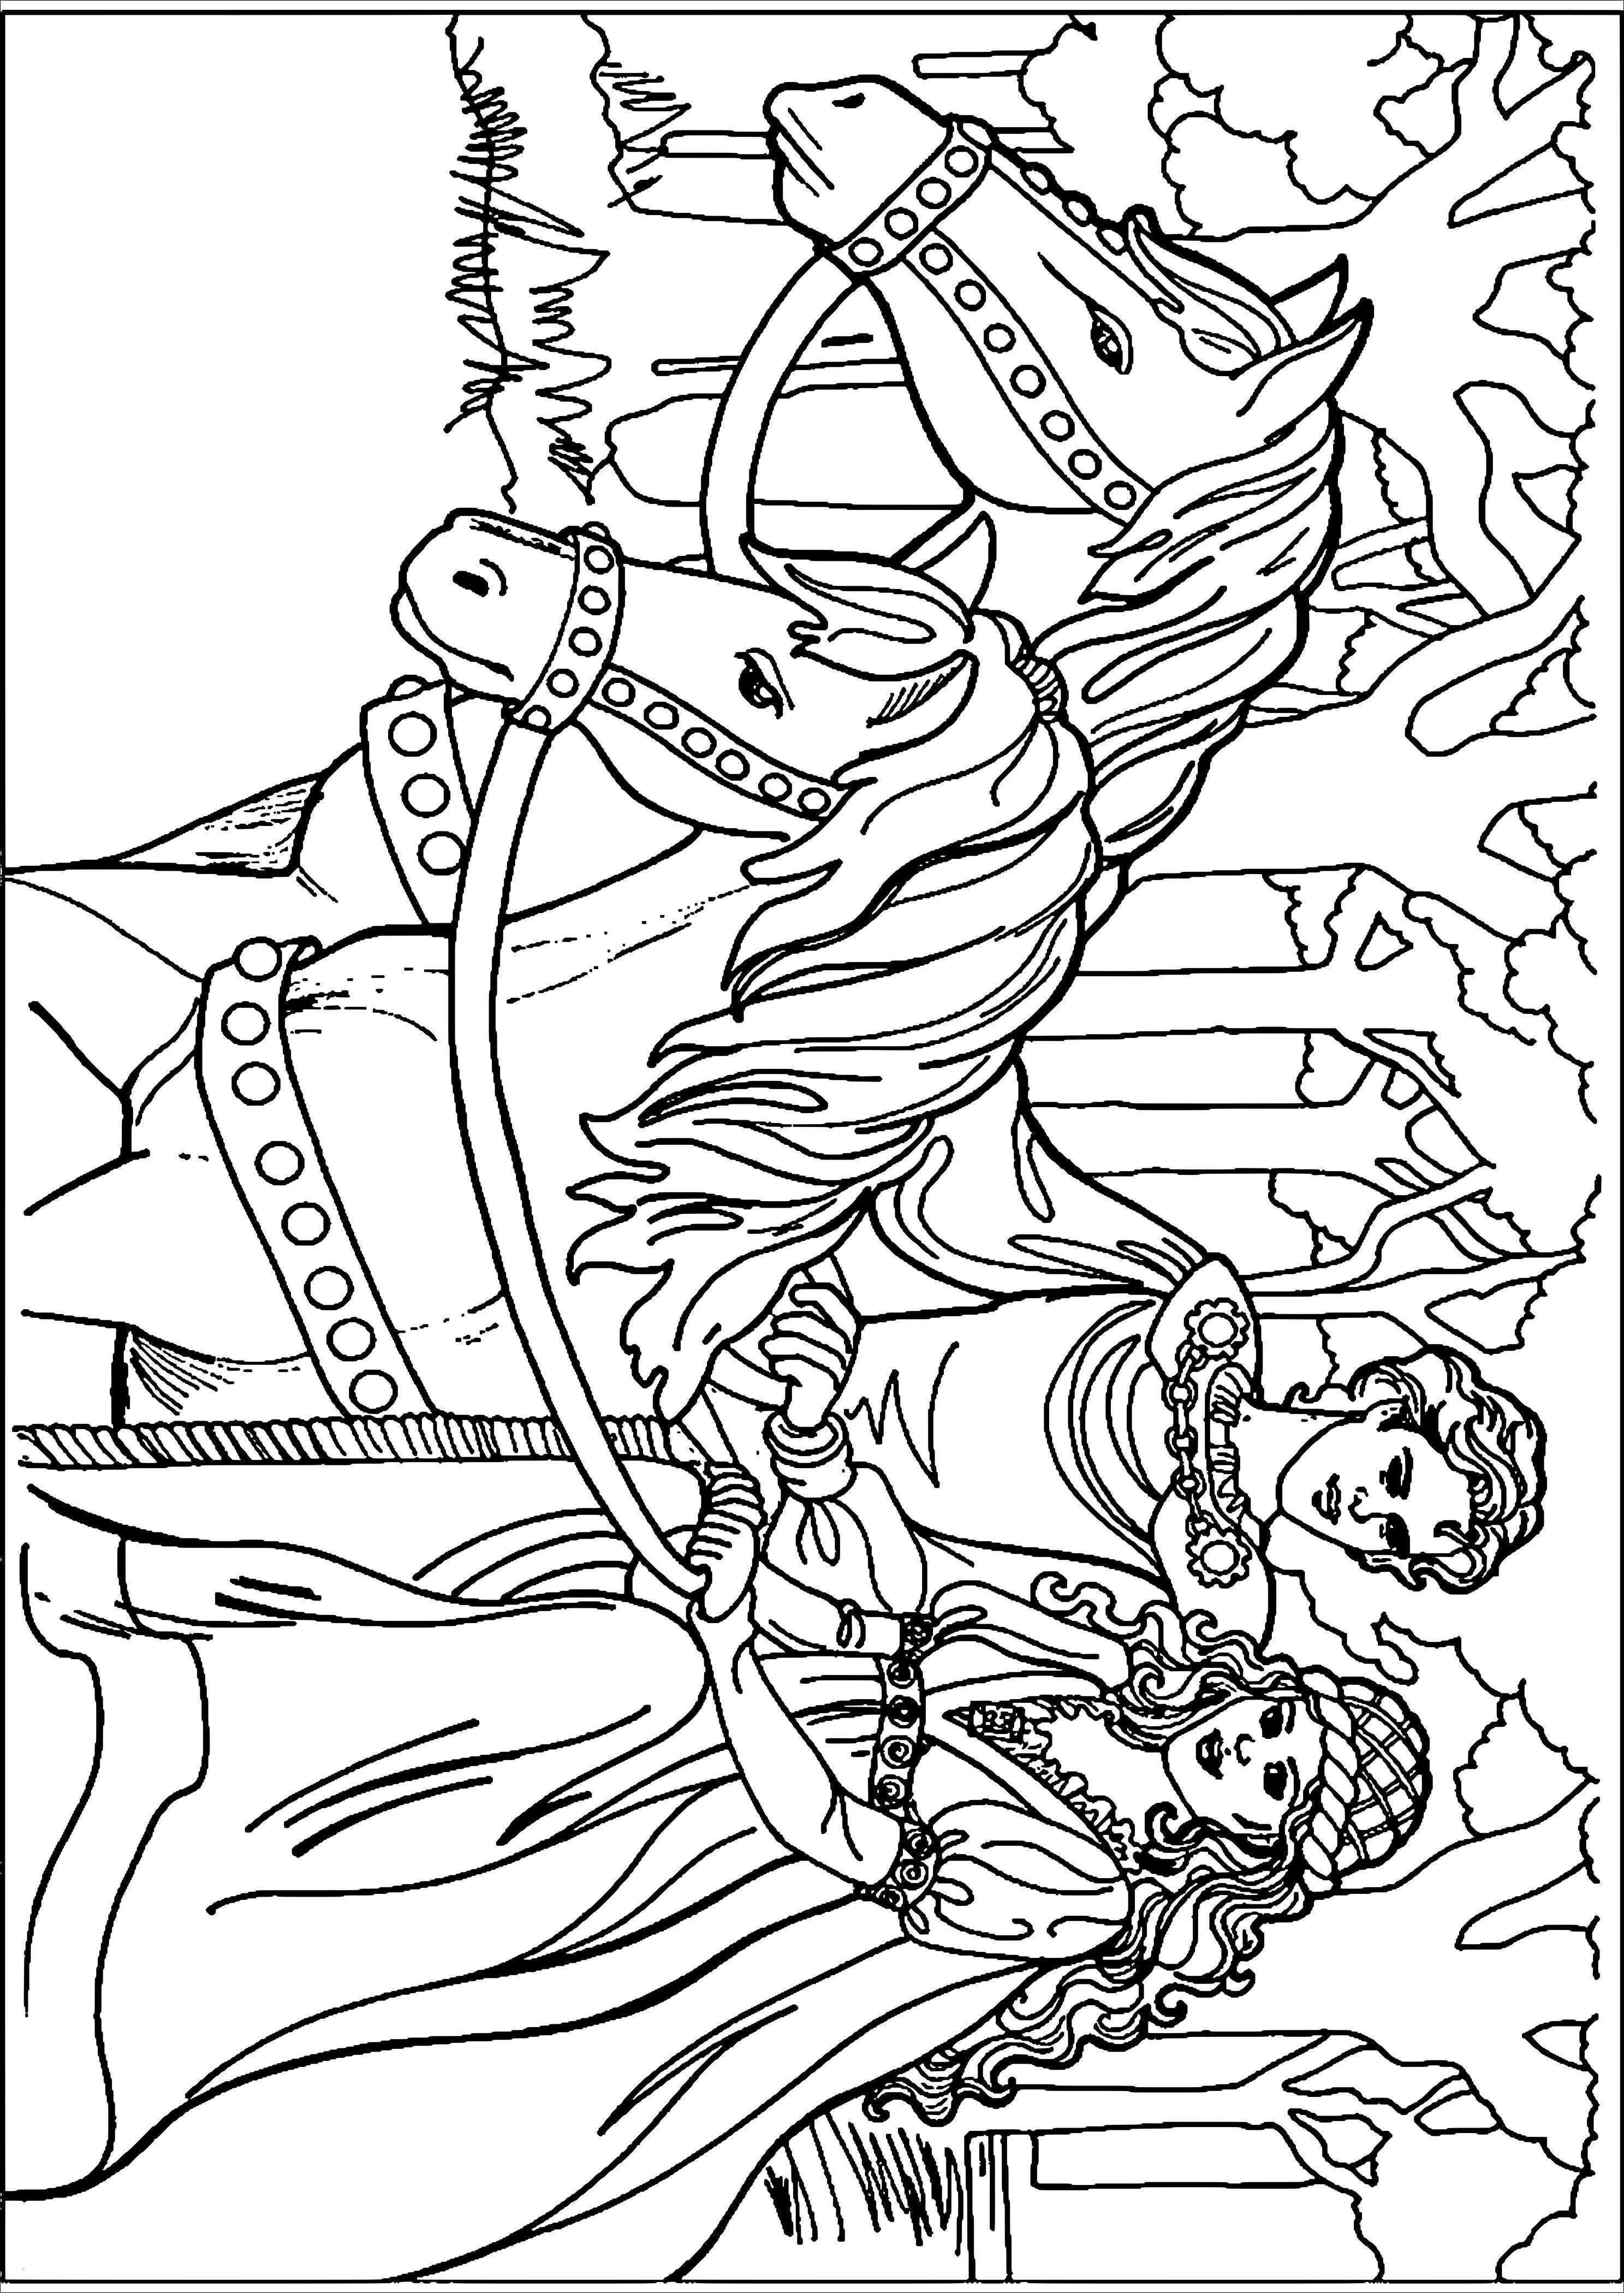 Ausmalbilder Prinzessin Feen Frisch Abcpics – Page 8 Zwd9 Das Bild